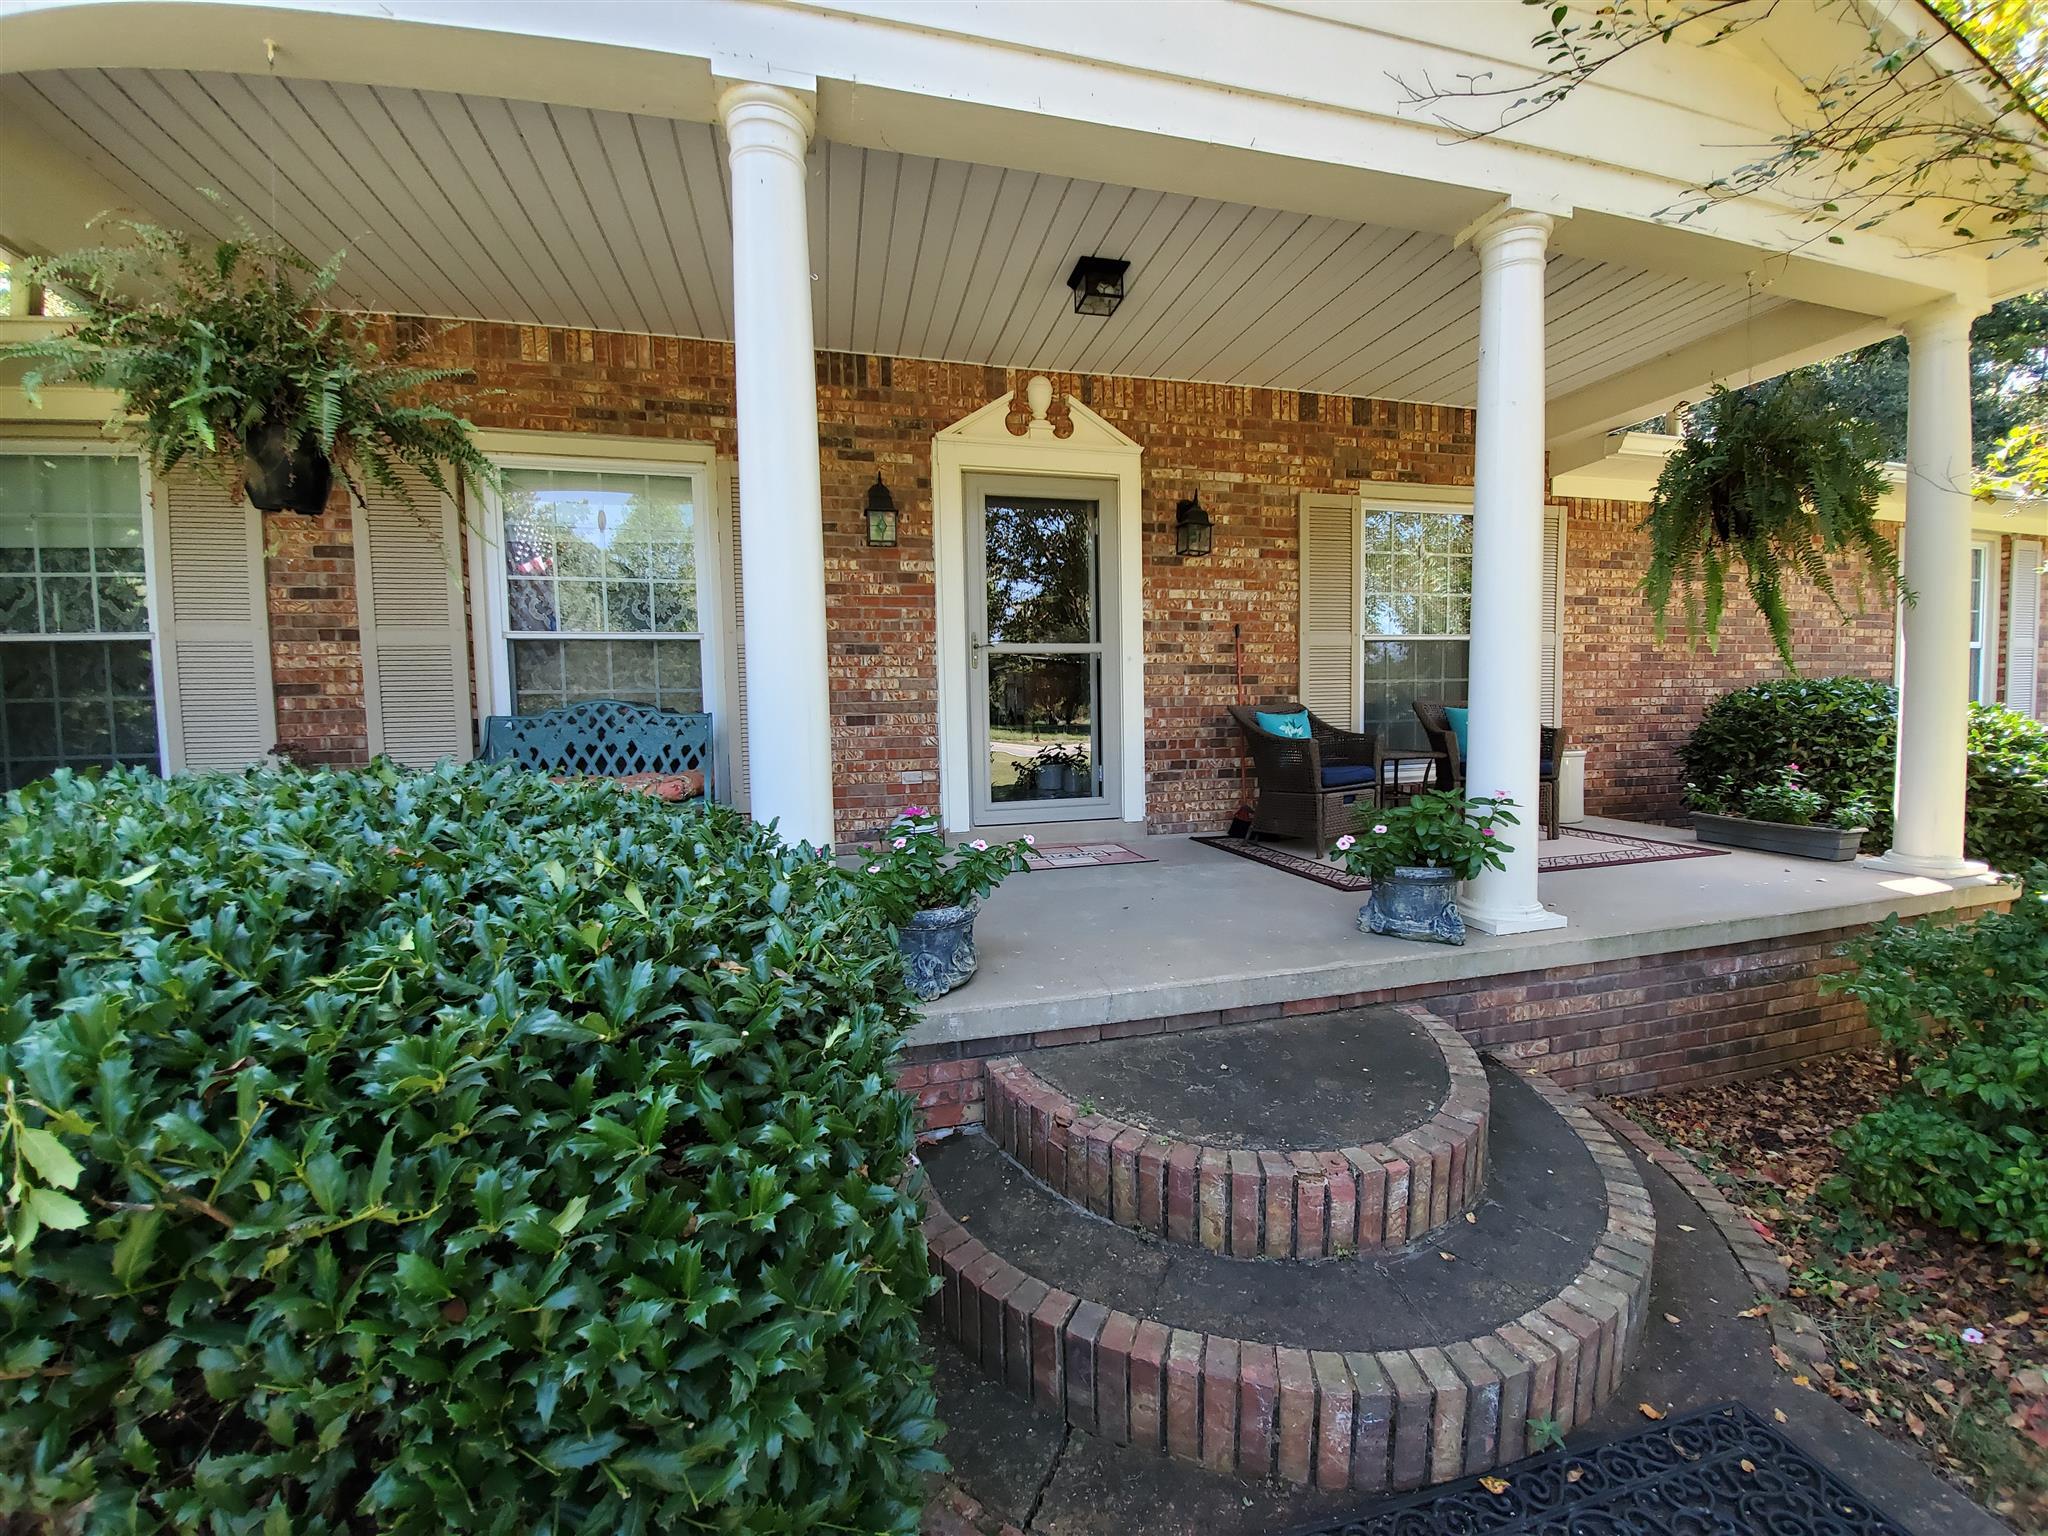 6373 Old State Rt 1, New Johnsonville, TN 37134 - New Johnsonville, TN real estate listing